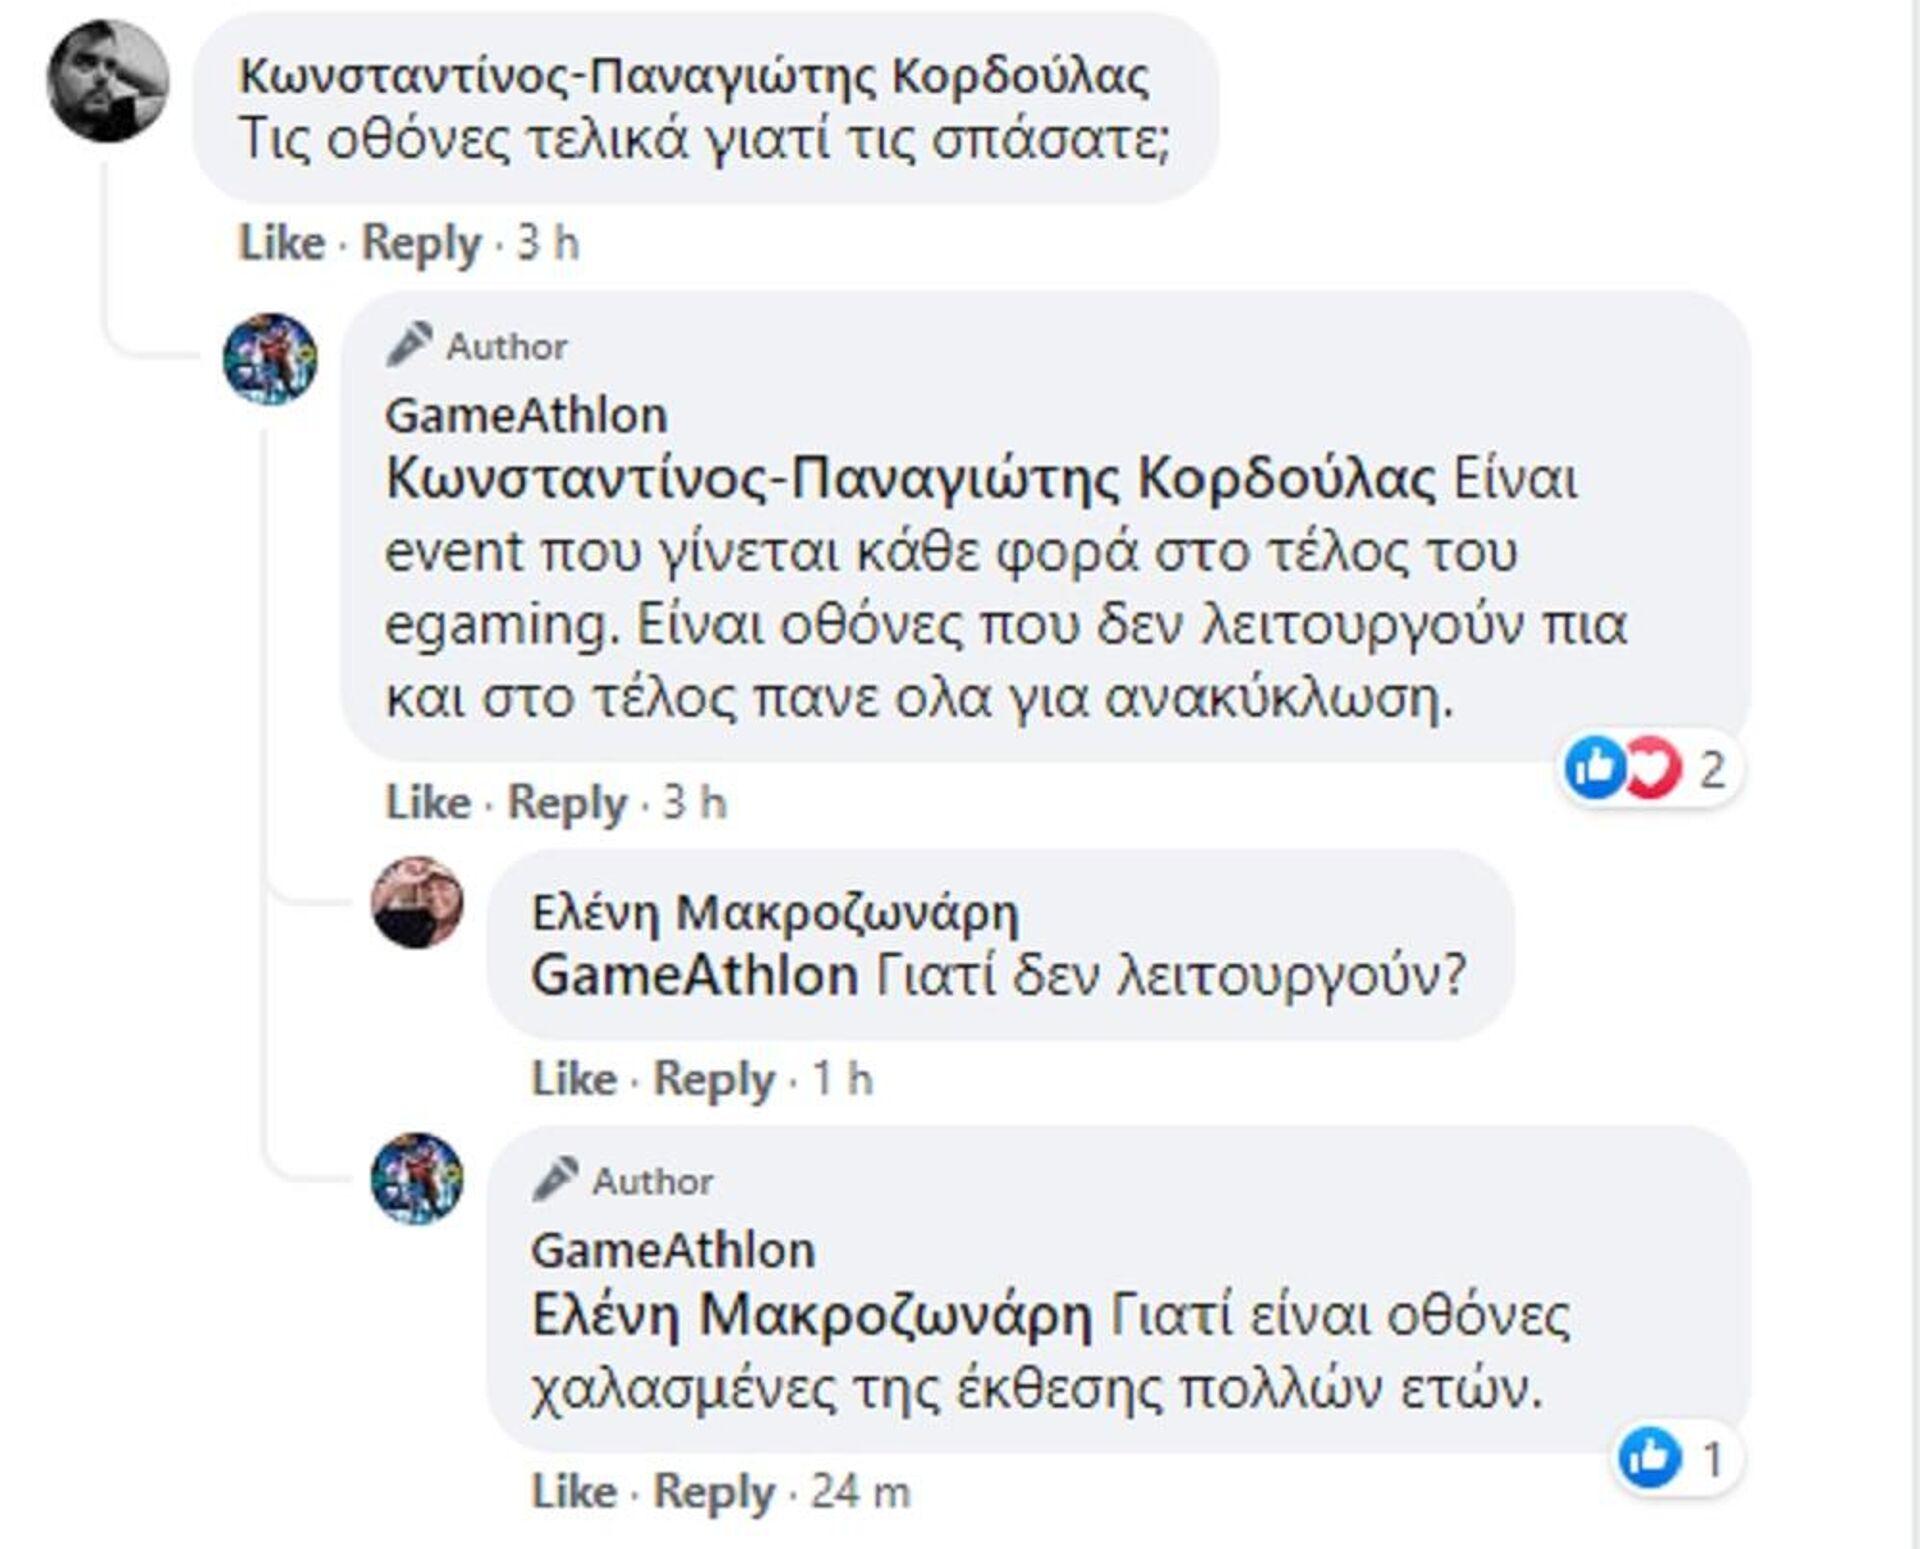 Απάντηση του GameAthlon sto Facebook - Sputnik Ελλάδα, 1920, 20.09.2021